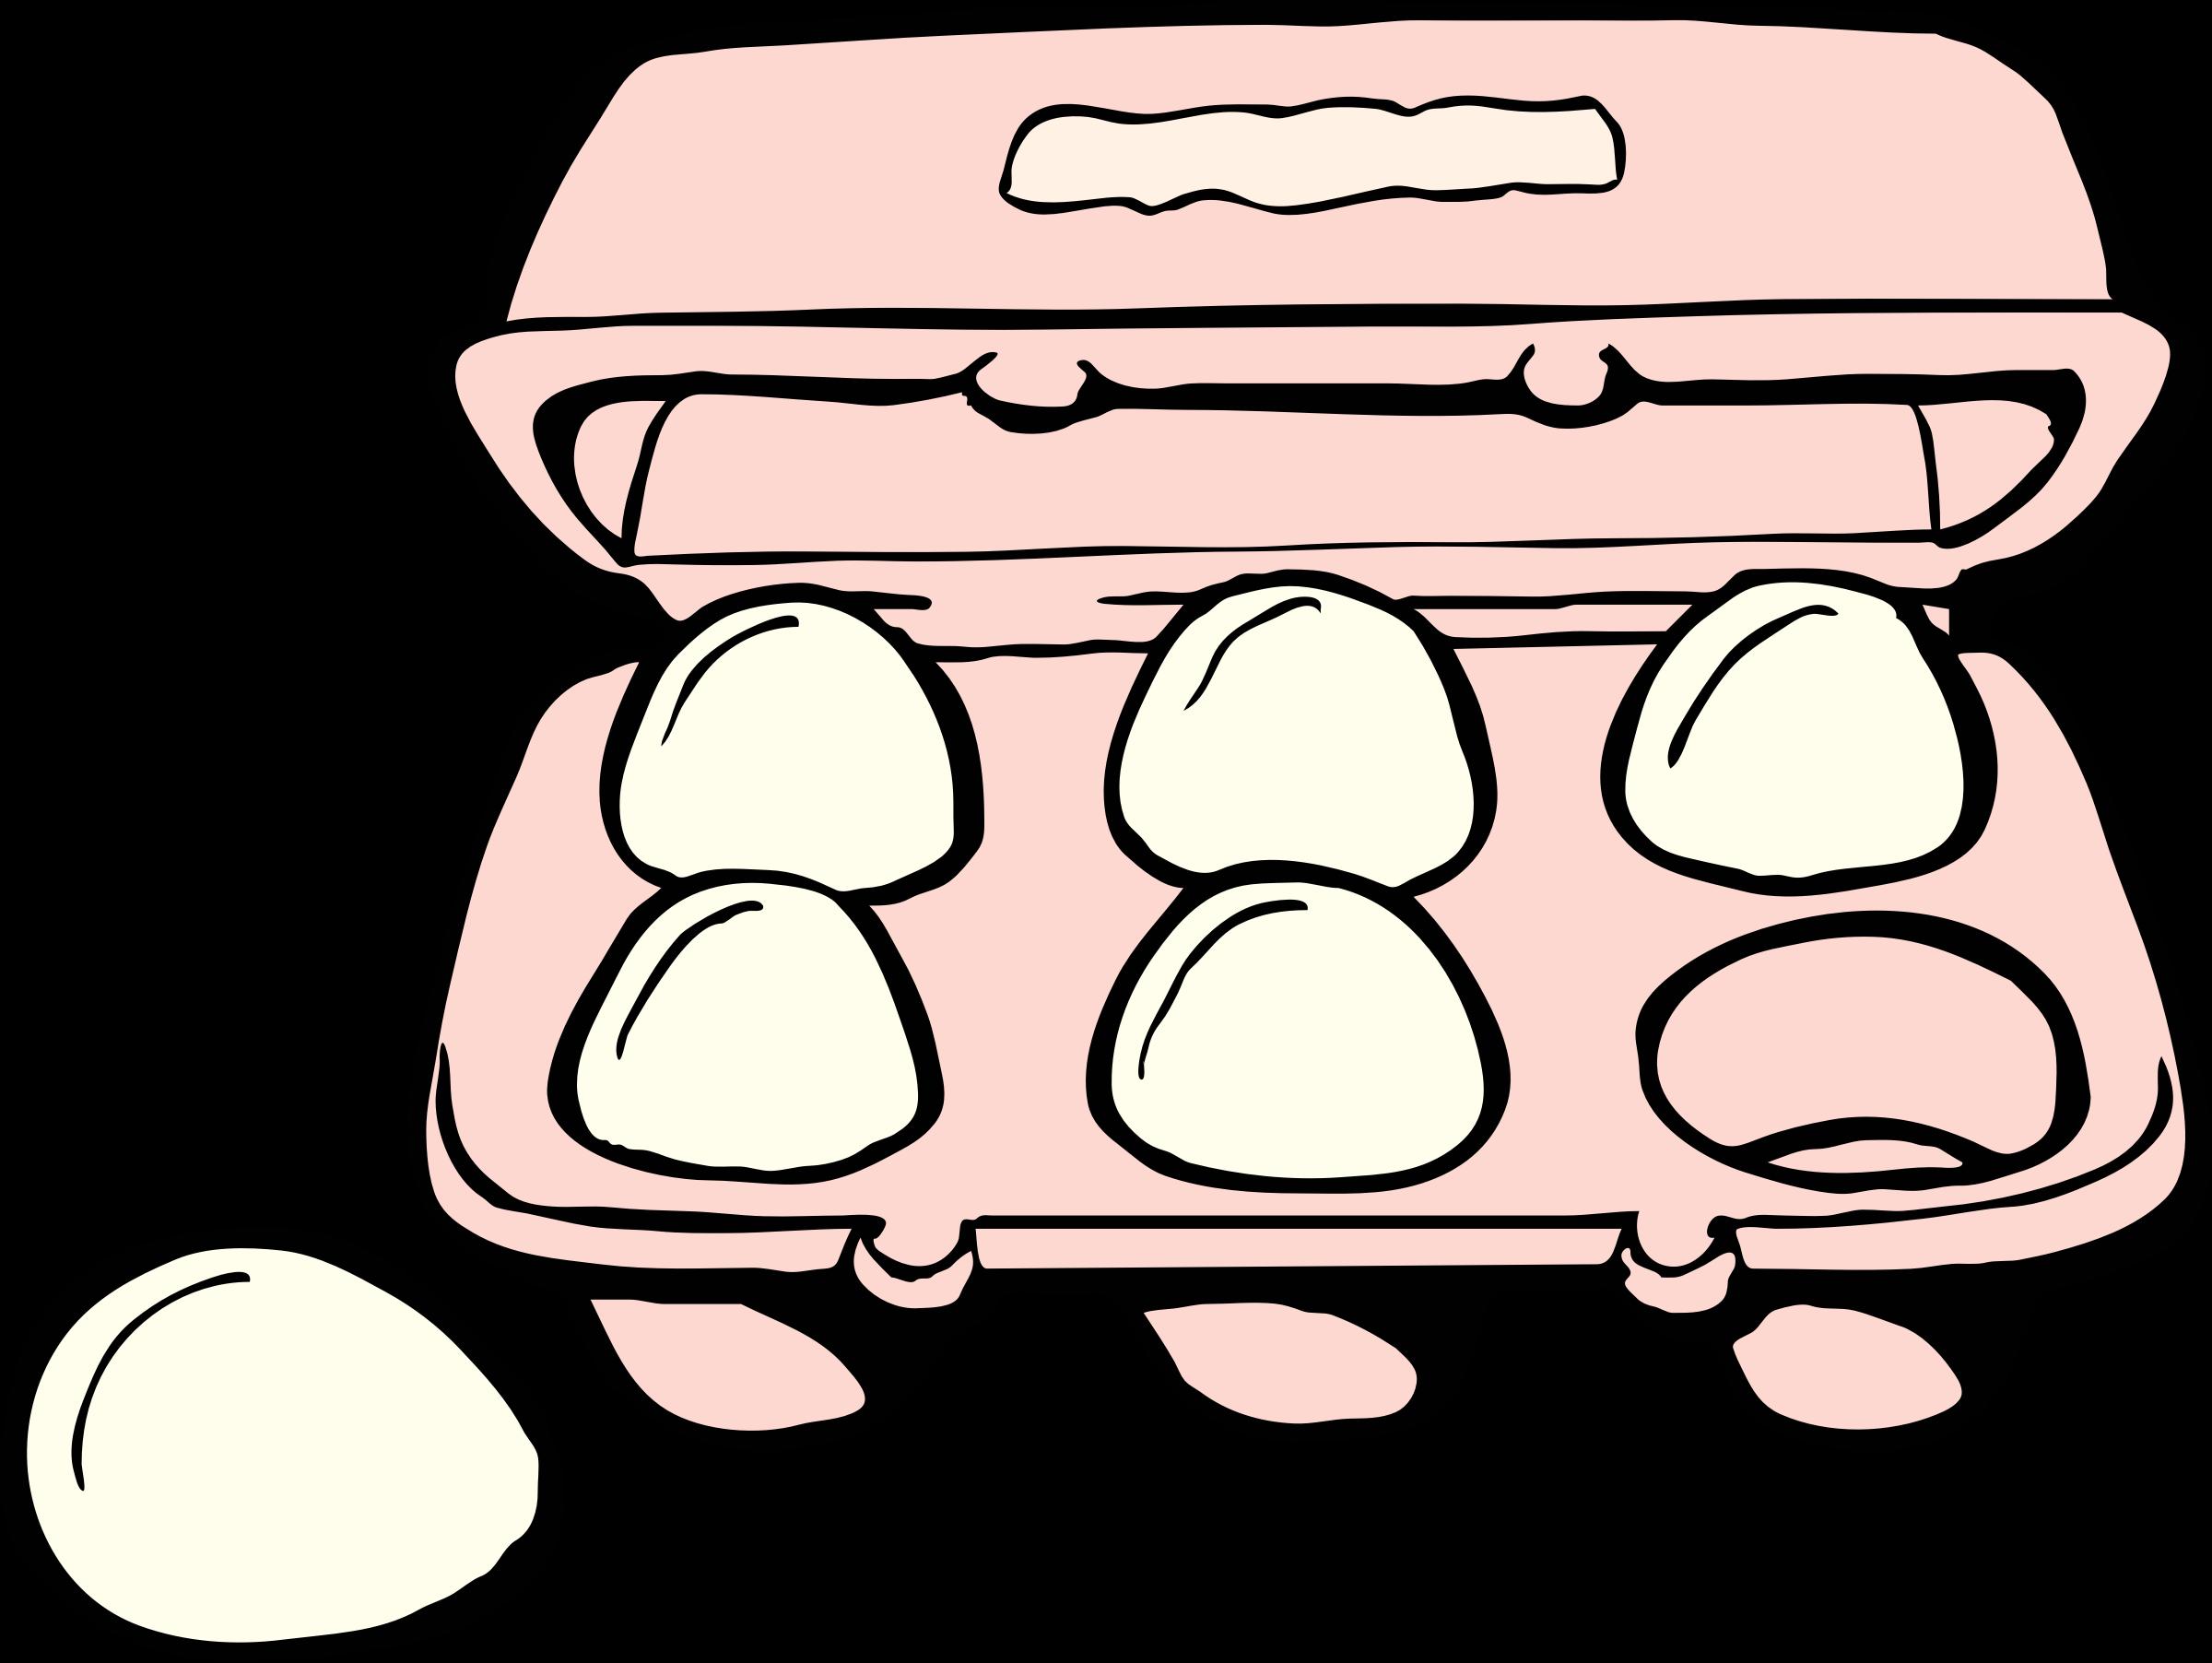 Carton of Eggs vector clipart image.